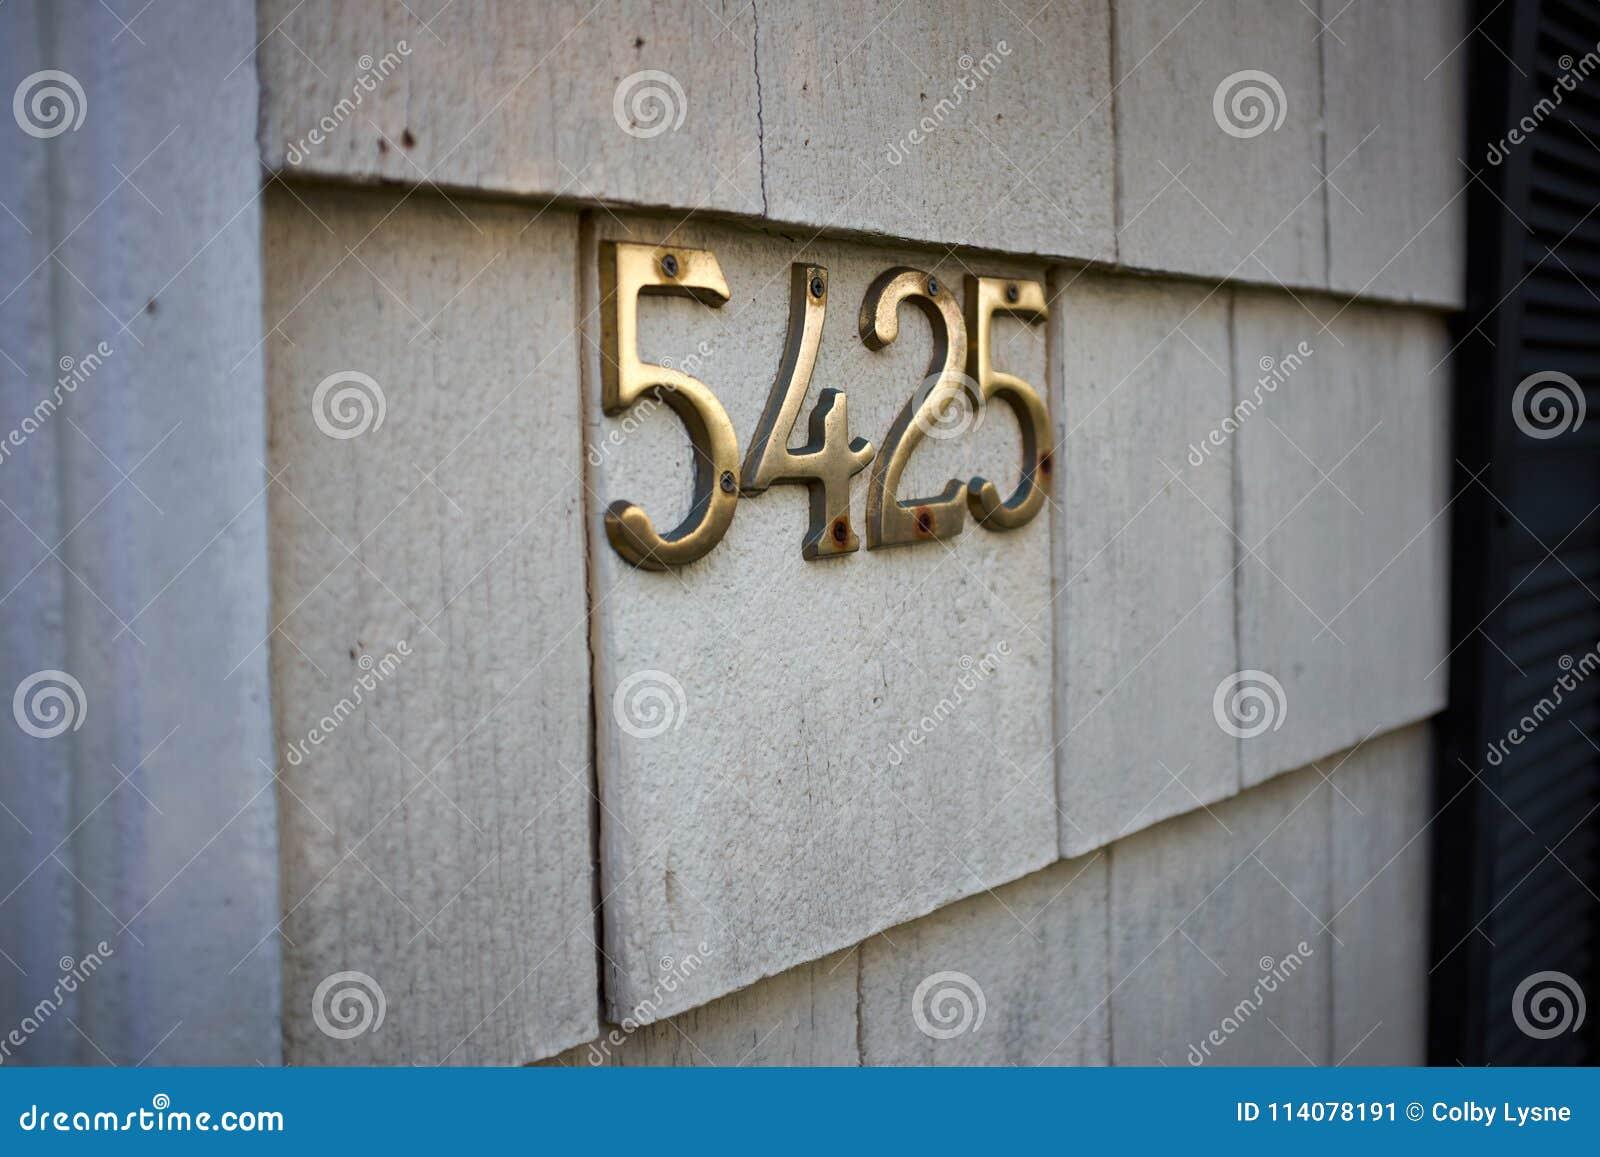 Mosiądz liczba 5425 na zewnętrznej ścianie